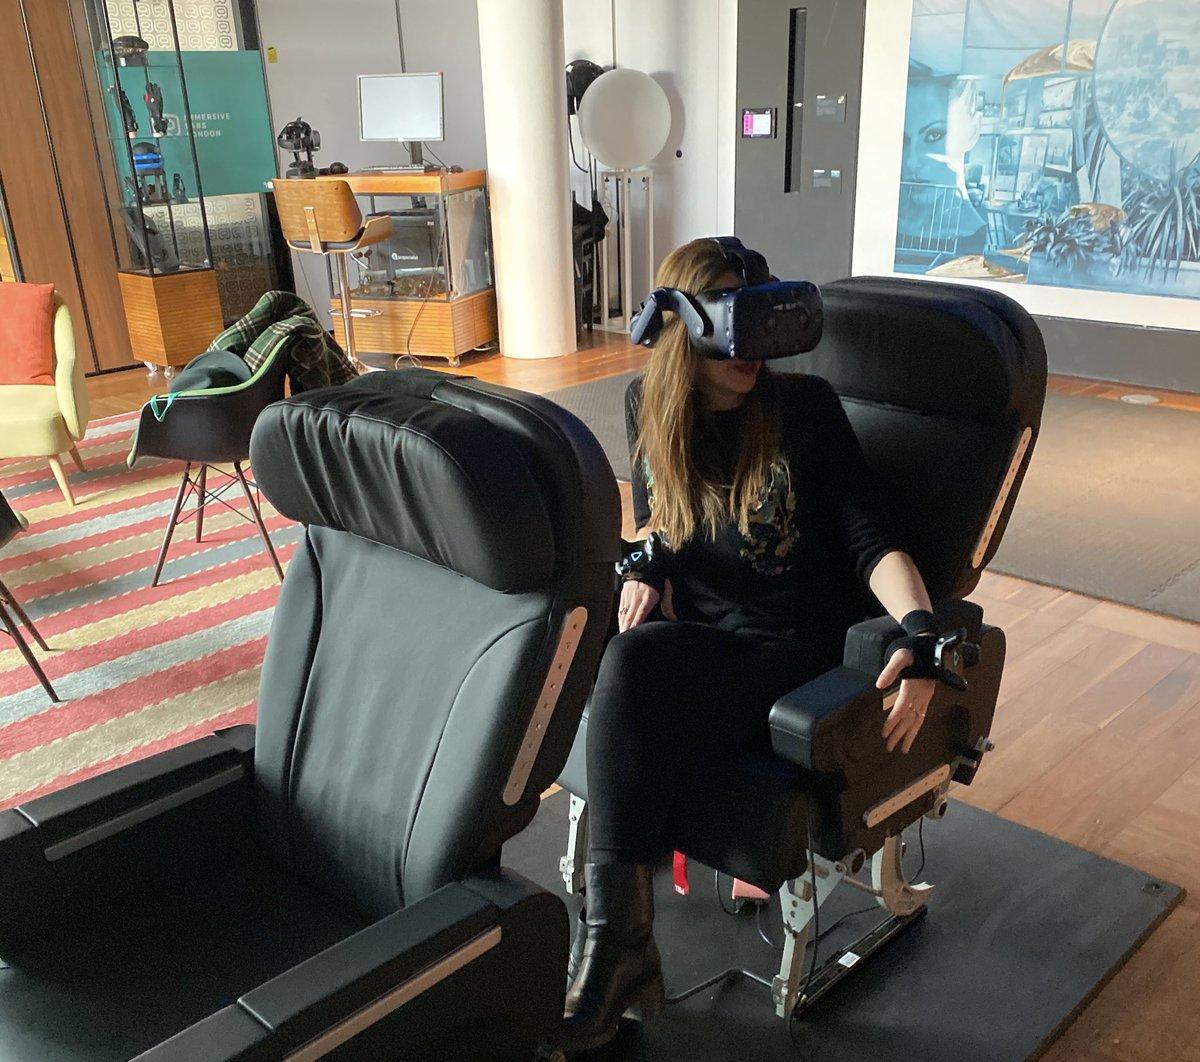 hyper piattaforma che combina realtà virtuale a realtà fisica